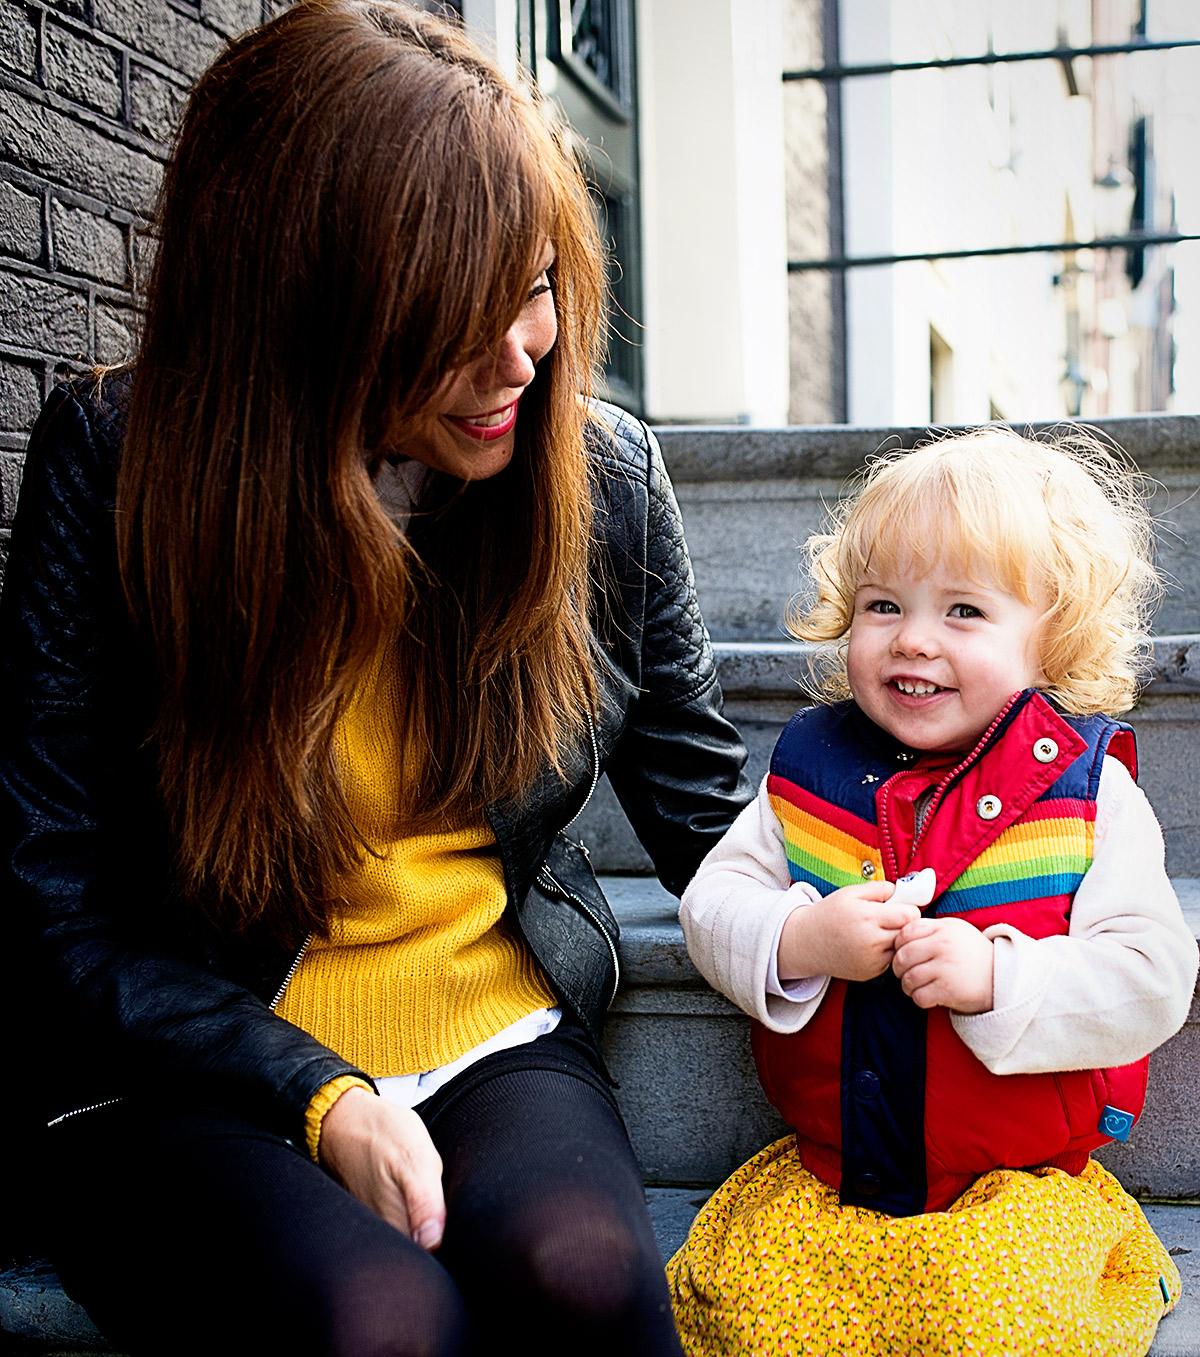 amsterdam with children 7